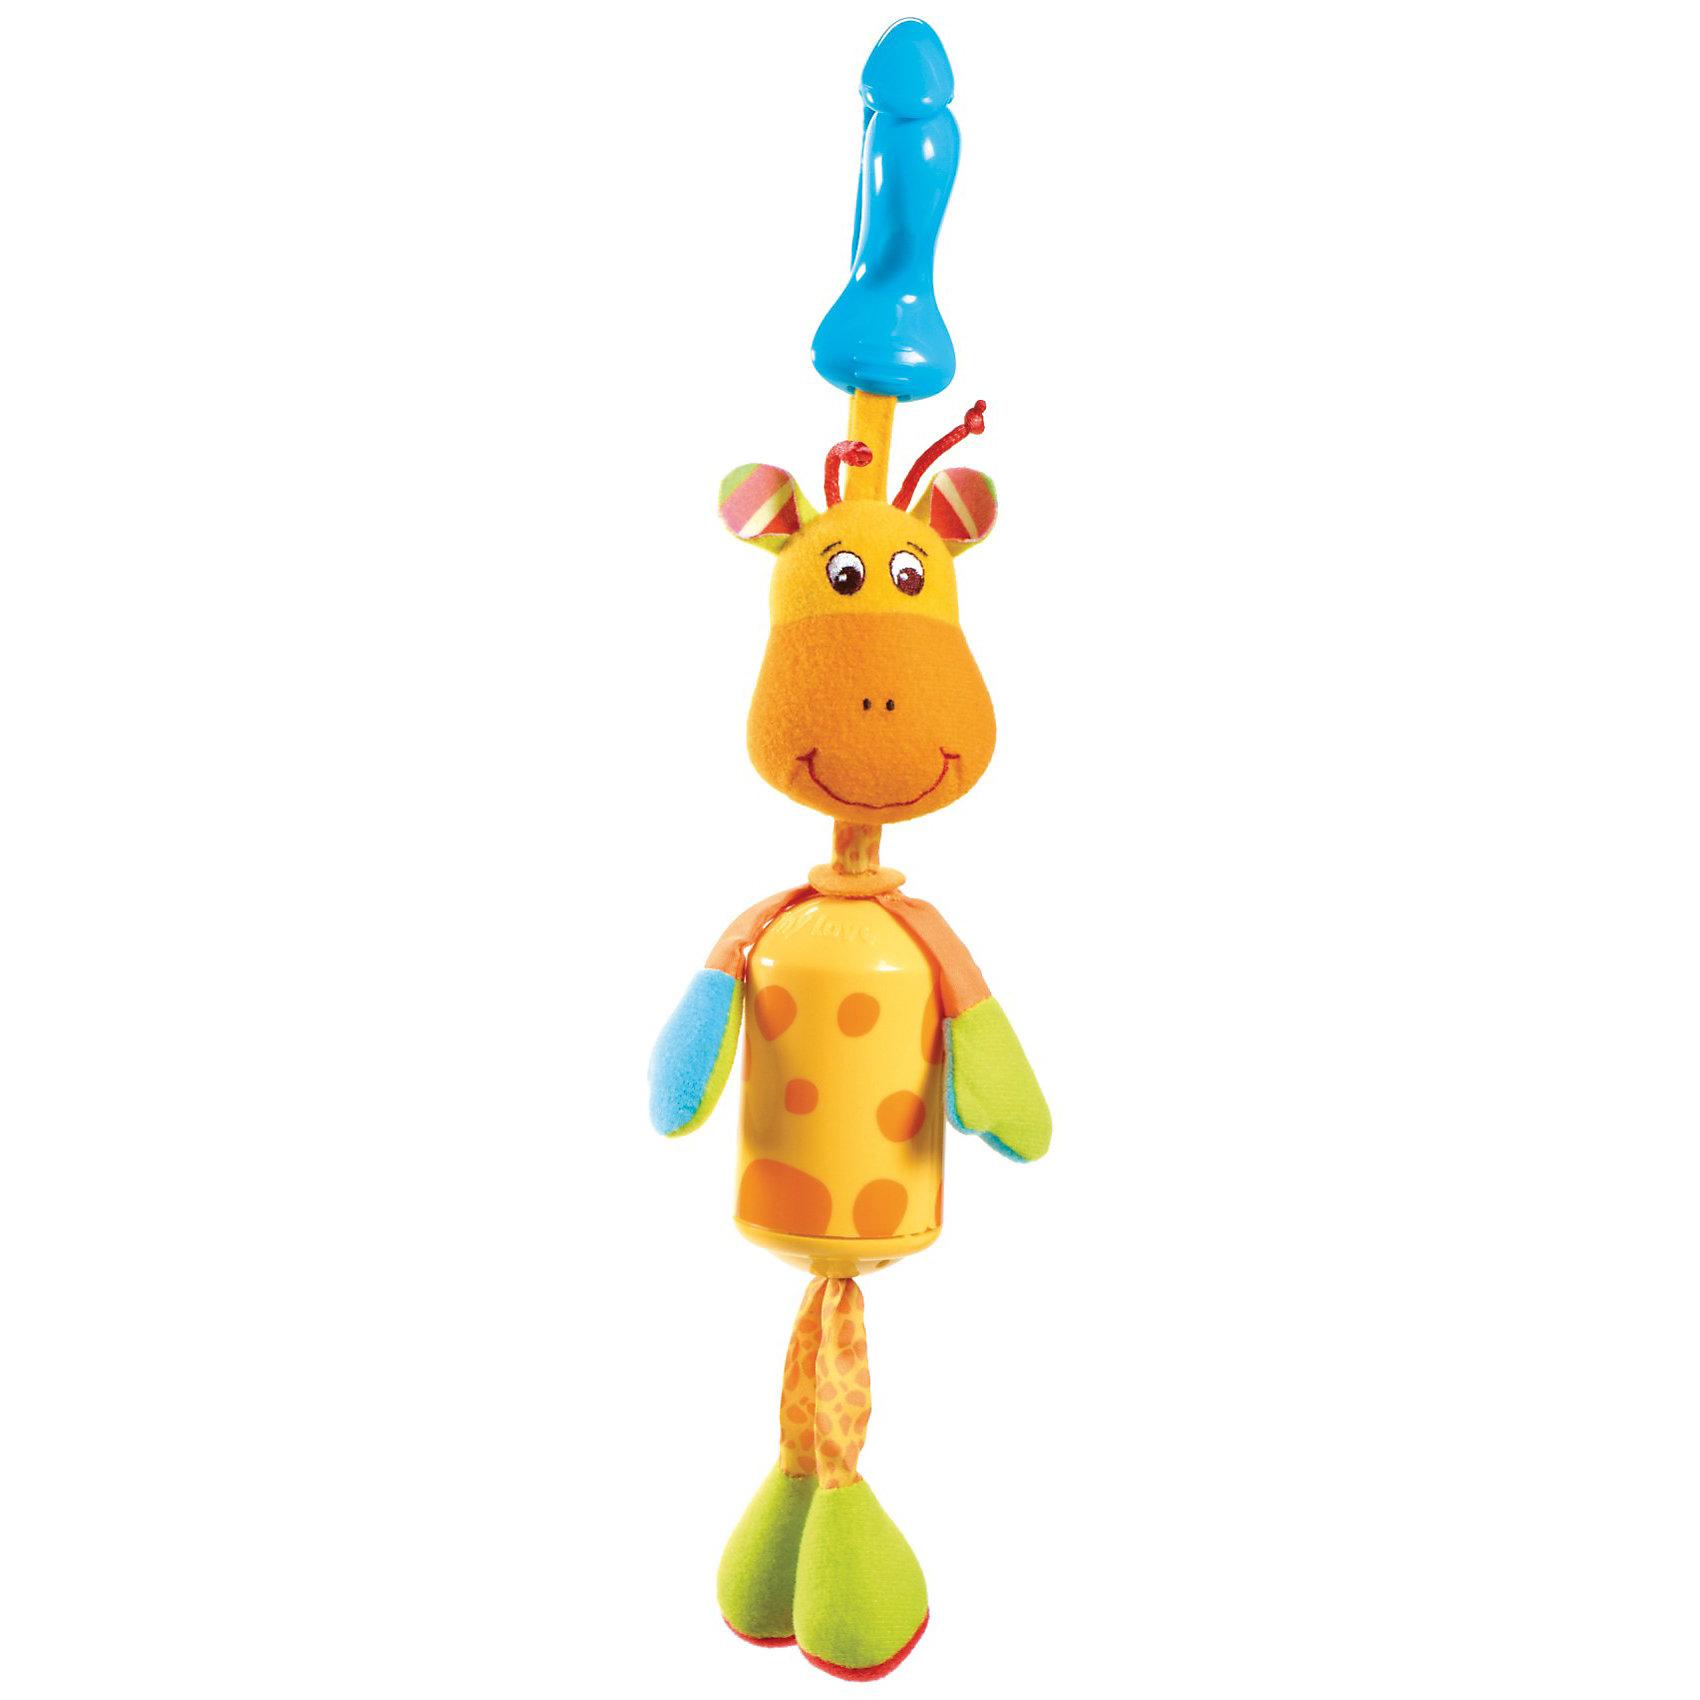 Подвес-колокольчик жираф Самсон, Tiny LoveПодвески<br>Подвес-колокольчик жираф Самсон - яркая и симпатичная развивающая игрушка-подвеска со звуковыми эффектами. <br><br>Игрушка выполнена в виде стилизованного ветряного колокольчика. Тело игрушки  выполнено из фарфорового пластика, мордочка, ручки и ножки  - из приятных текстильных материалов различной фактуры.<br>У Самсона очень милая симпатичная мордочка, которая наверняка понравится крохе. Ножки жирафа выполнены из мягкого материала с хрустящим наполнителем,  они легко мнутся и замечательно шуршат. Лапки-верёвочки подвижные, их можно трогать, теребить, поворачивать и сгибать как угодно. Тельце Жирафа – яркий пластиковый цилиндр с геометрическим рисунком, даже при лёгком прикосновении к игрушке он издаёт негромкий и приятный мелодичный звук, сродний звону ветряных колокольчиков, и привлекает тем самым внимание ребёнка. <br>Игрушка с помощью пластикового крабика-клипсы легко и быстро закрепляется на кроватке, прогулочной коляске или кресле малыша, а также к дугам развивающего центра.<br><br>Дополнительная инфоррмация:<br><br>- Материалы: фарфоровый пластик, текстиль.<br>- Звуковые эффекты.<br>- Крепление-крабик.<br><br>Подвес-колокольчик жираф Самсон, Tiny Love (Тини Лав) можно купить в нашем интернет магазине.<br><br>Ширина мм: 70<br>Глубина мм: 130<br>Высота мм: 340<br>Вес г: 128<br>Возраст от месяцев: 0<br>Возраст до месяцев: 24<br>Пол: Унисекс<br>Возраст: Детский<br>SKU: 2620734